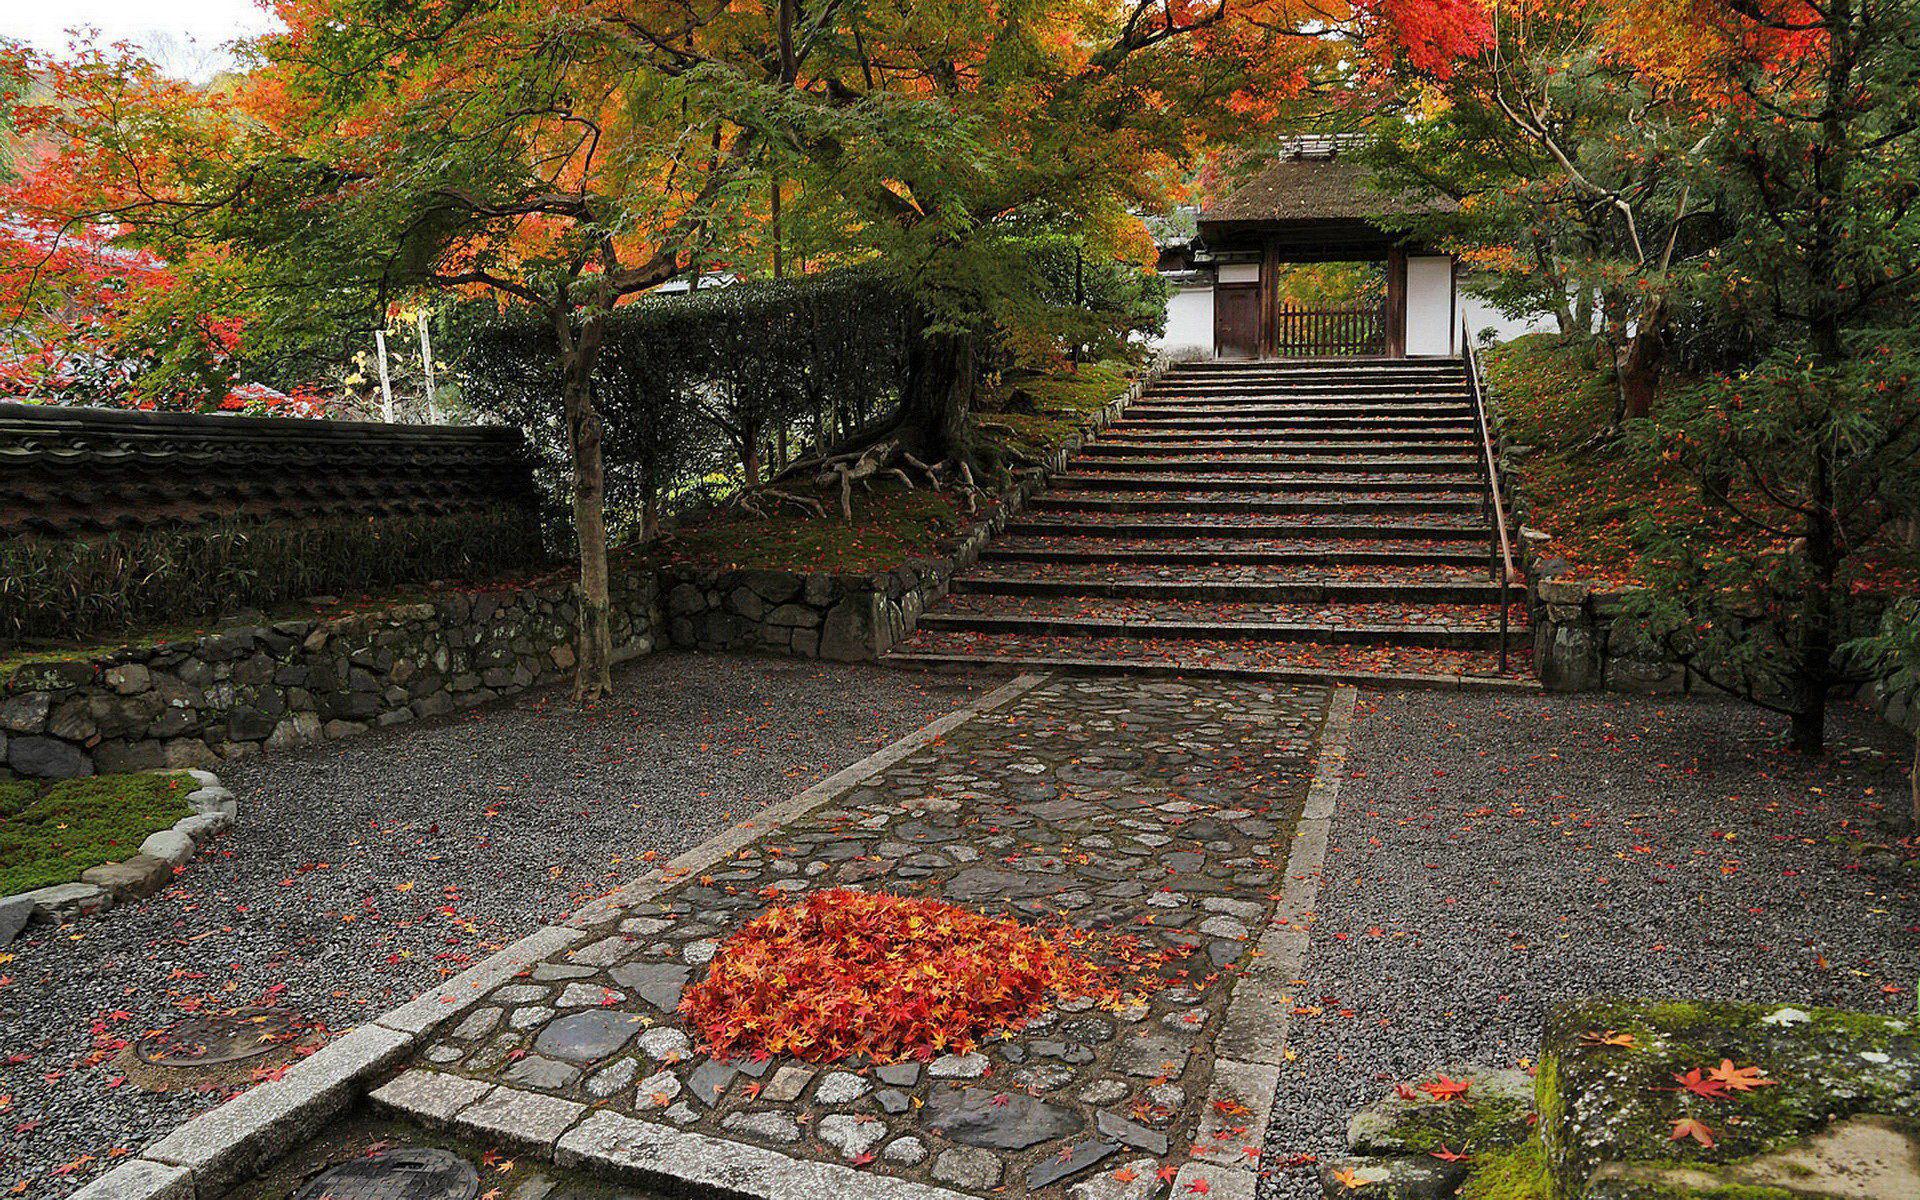 壁纸 日本 红叶/[心情贴图]红叶/庭院观[复制链接]...